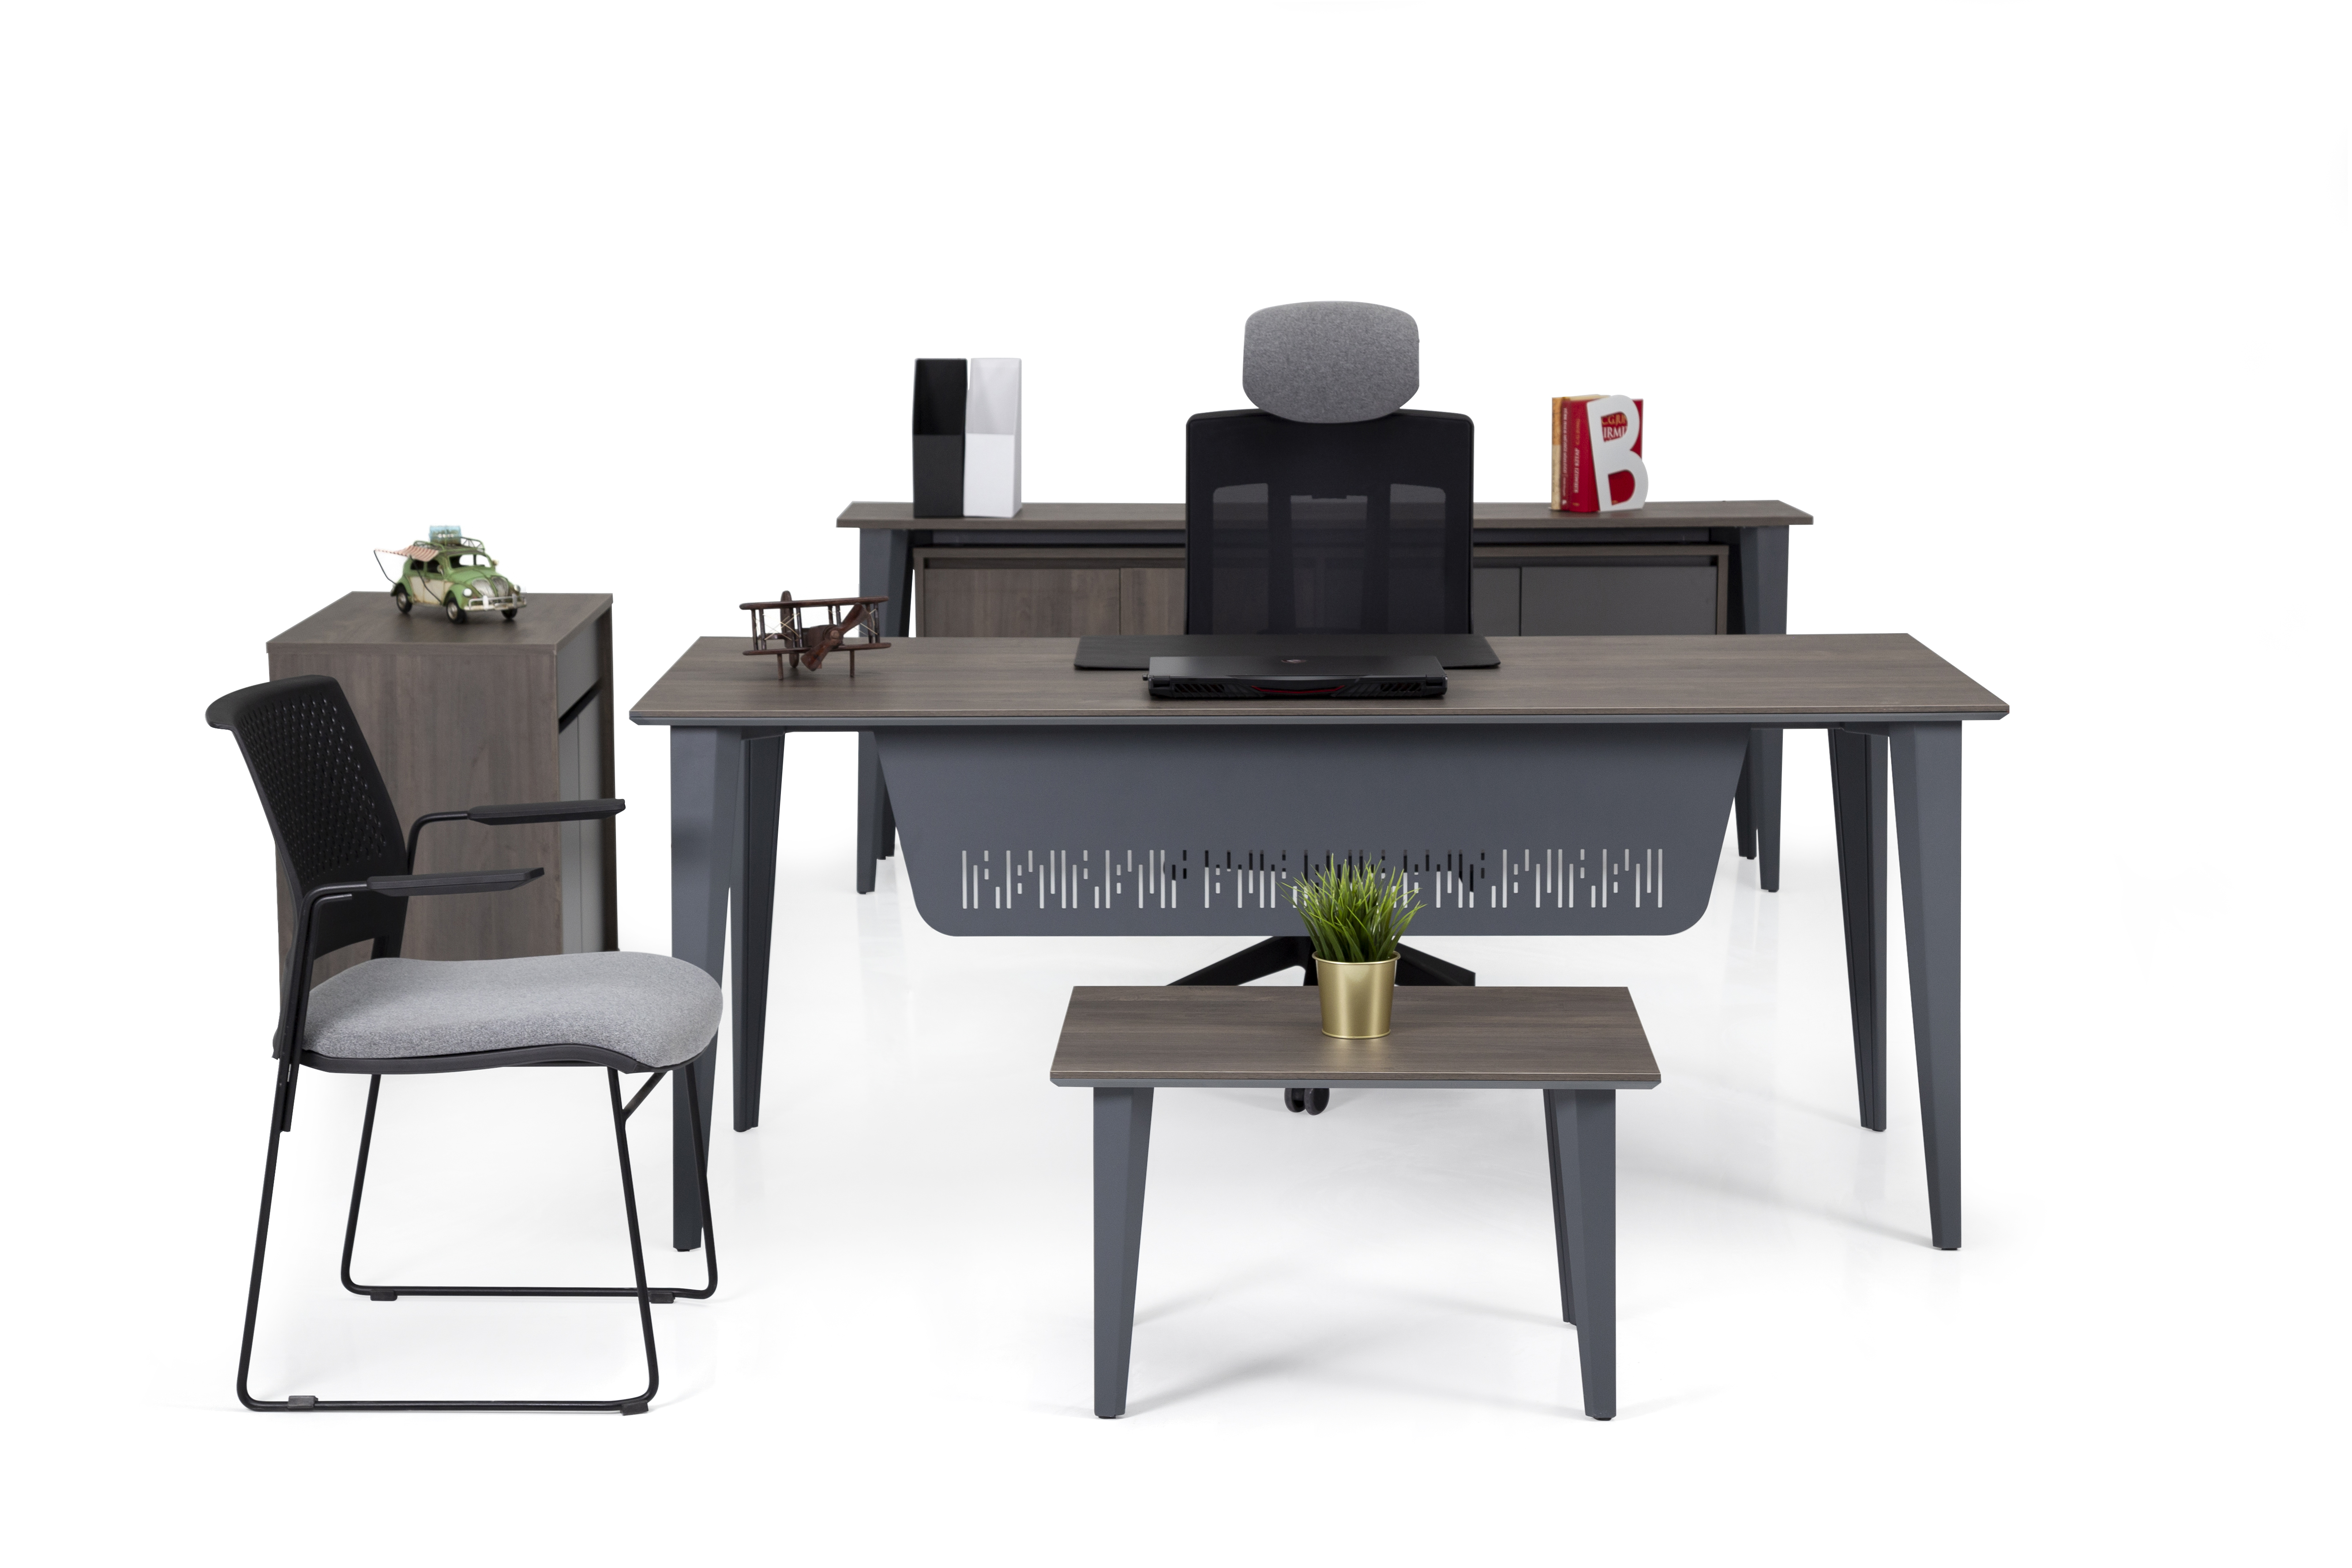 Ovali Büromöbel komplett 4-teilig Iconlux 200x80 cm